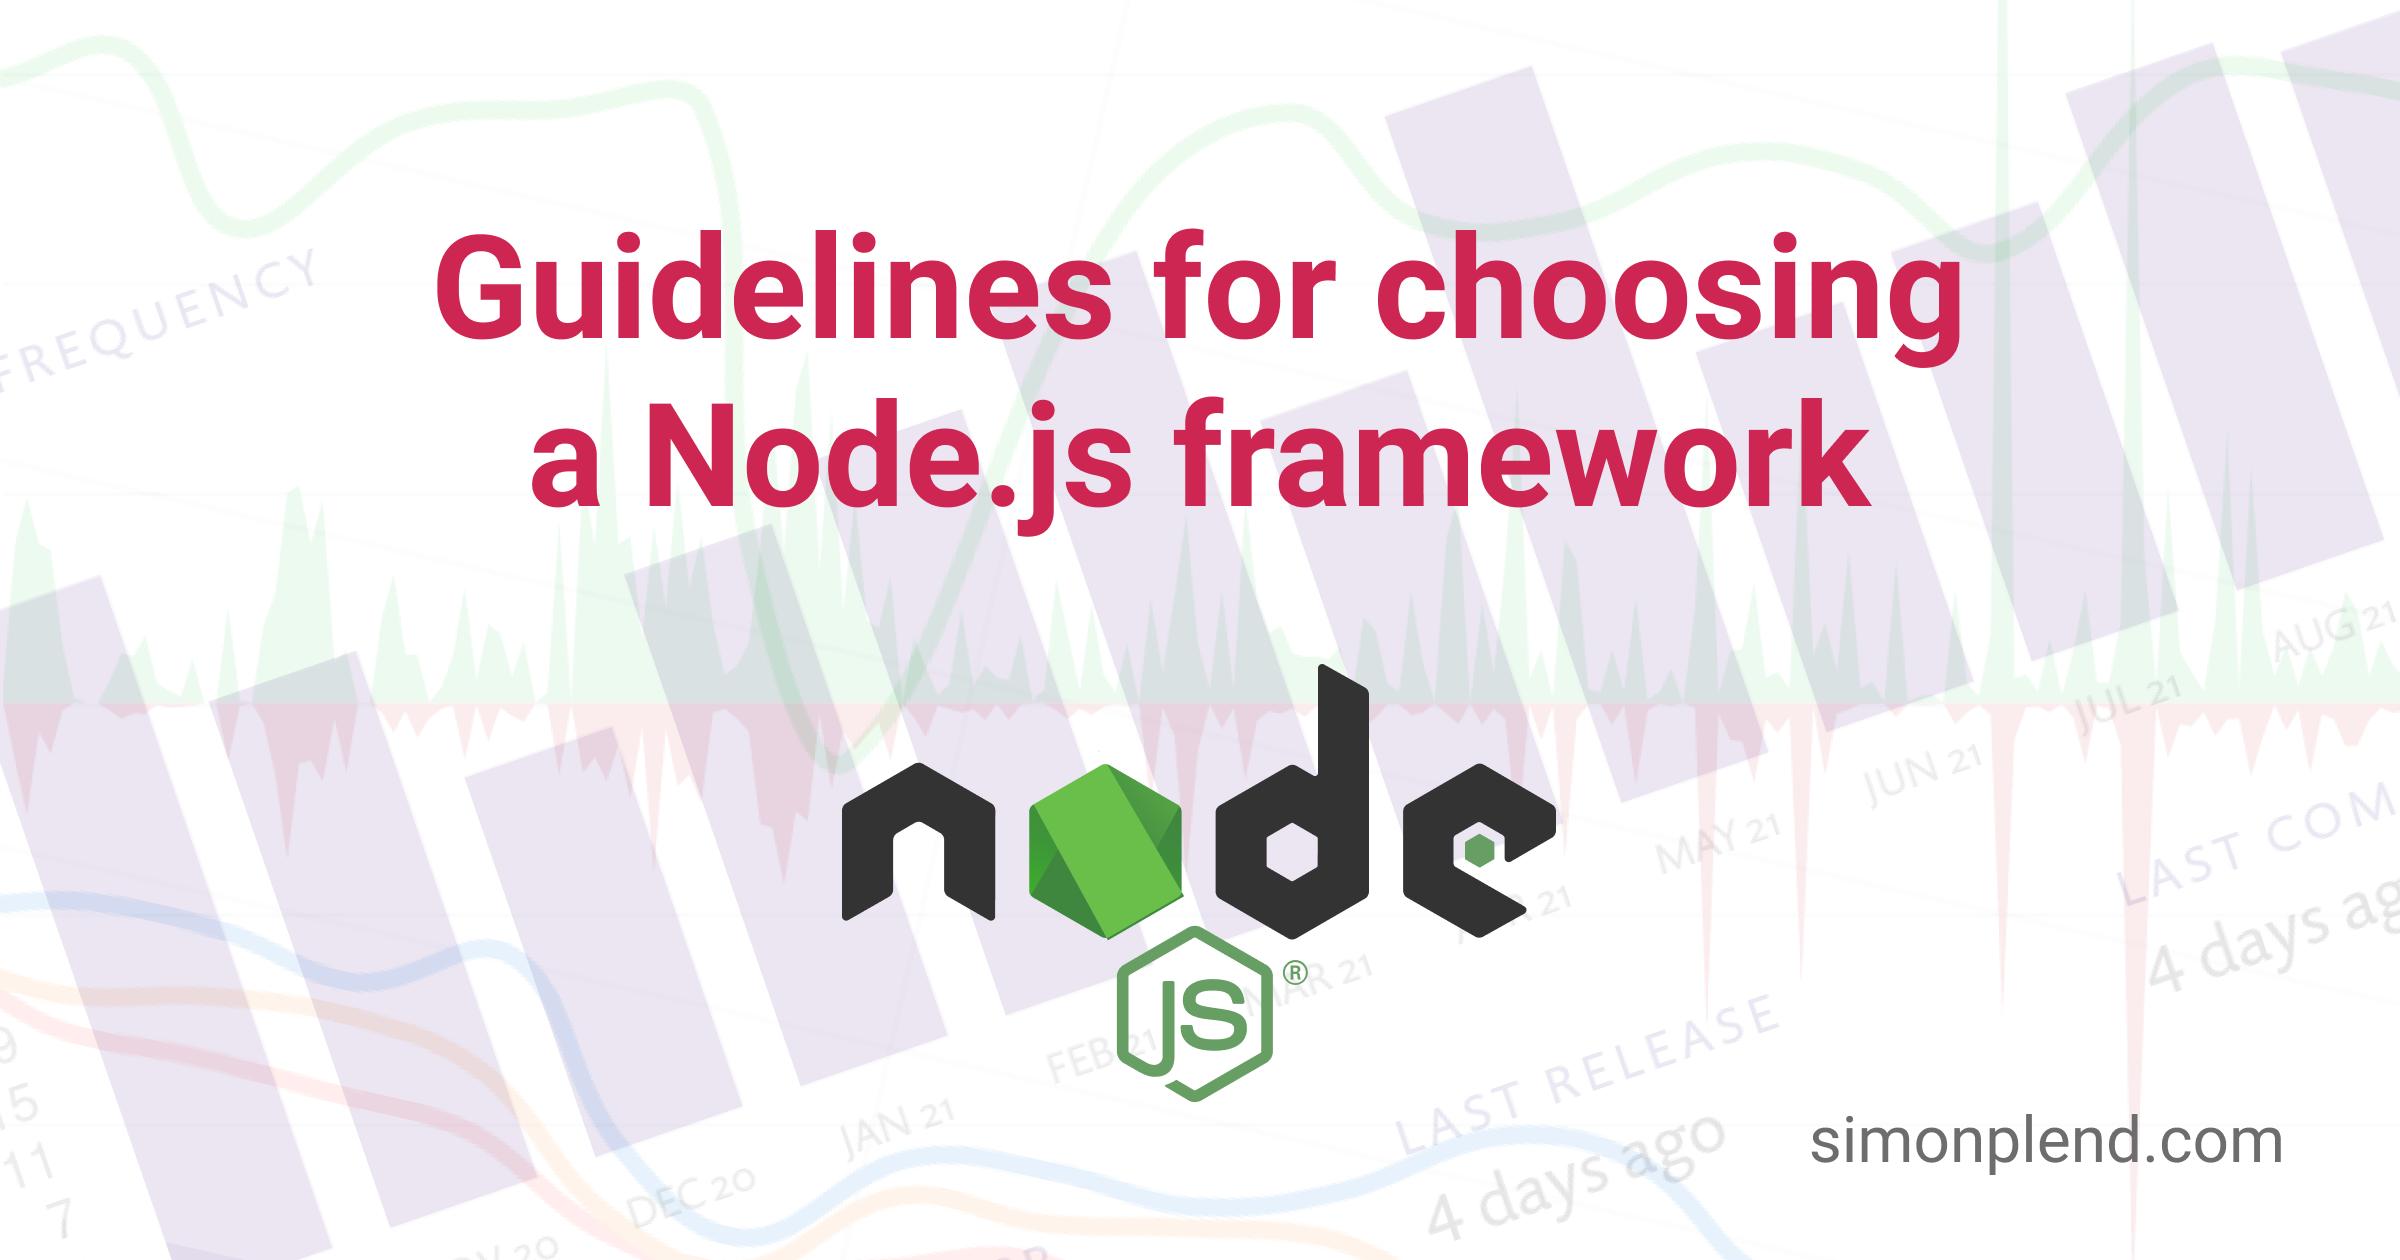 https://simonplend.com/guidelines-for-choosing-a-node-js-framework